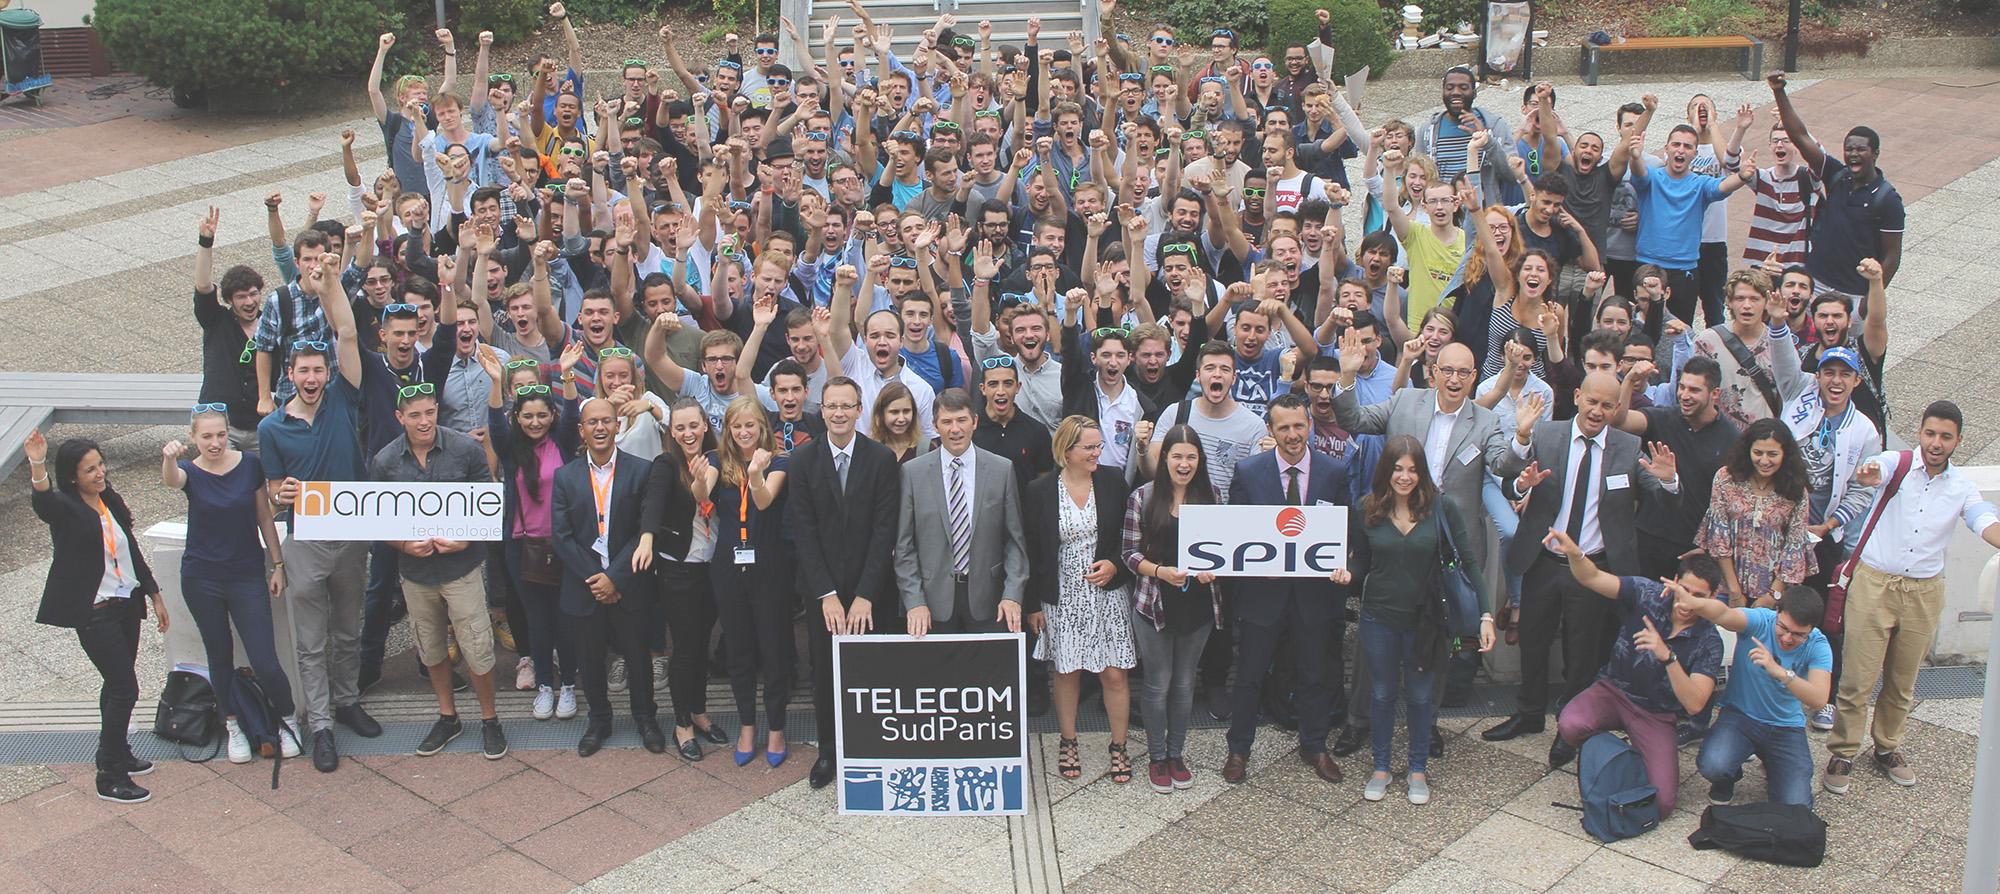 Pour intégrer Télécom SudParis, une multitude de portes d'entrée